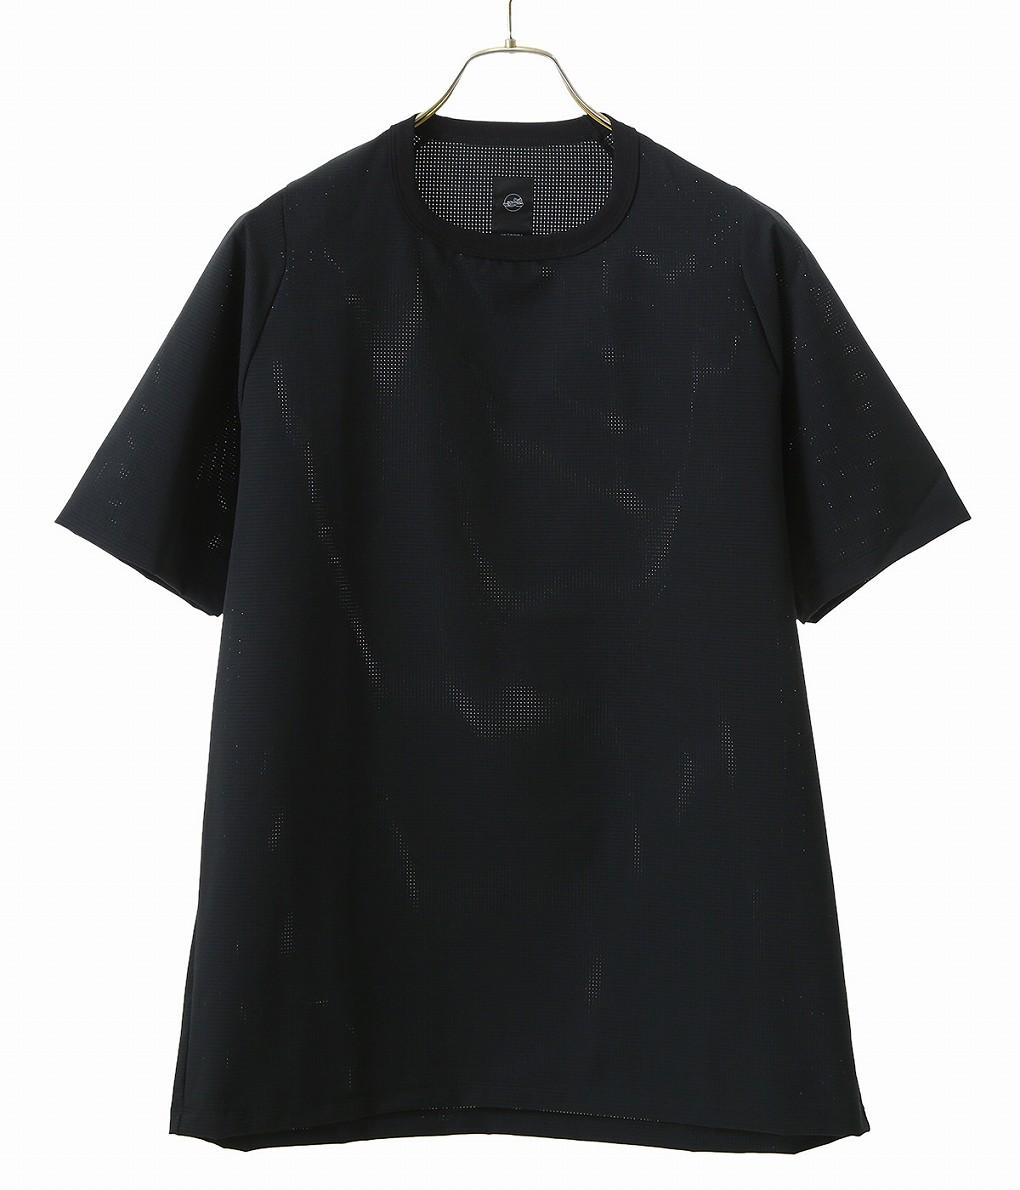 TEATORA / テアトラ : CARTRIDGE TEE SMR : カートリッジ Tシャツ カットソー 半袖Tシャツ : TT-TEE-SMR 【MUS】【BJB】